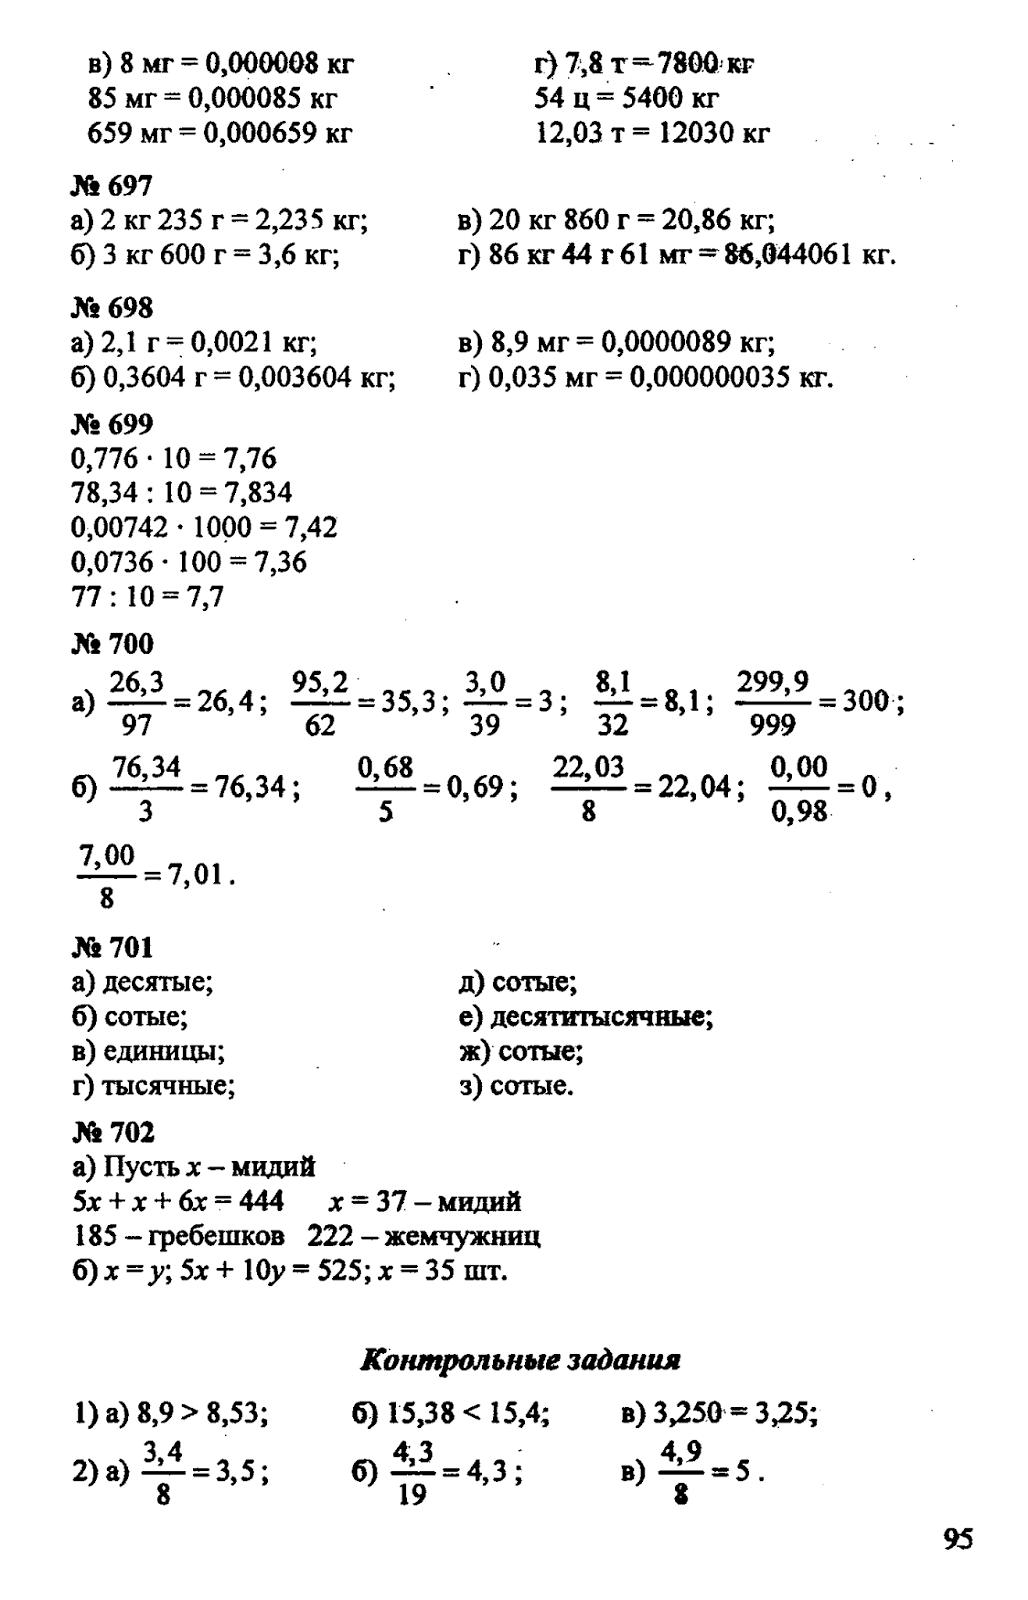 Задание по домашнее б за готовое класс 5 математике